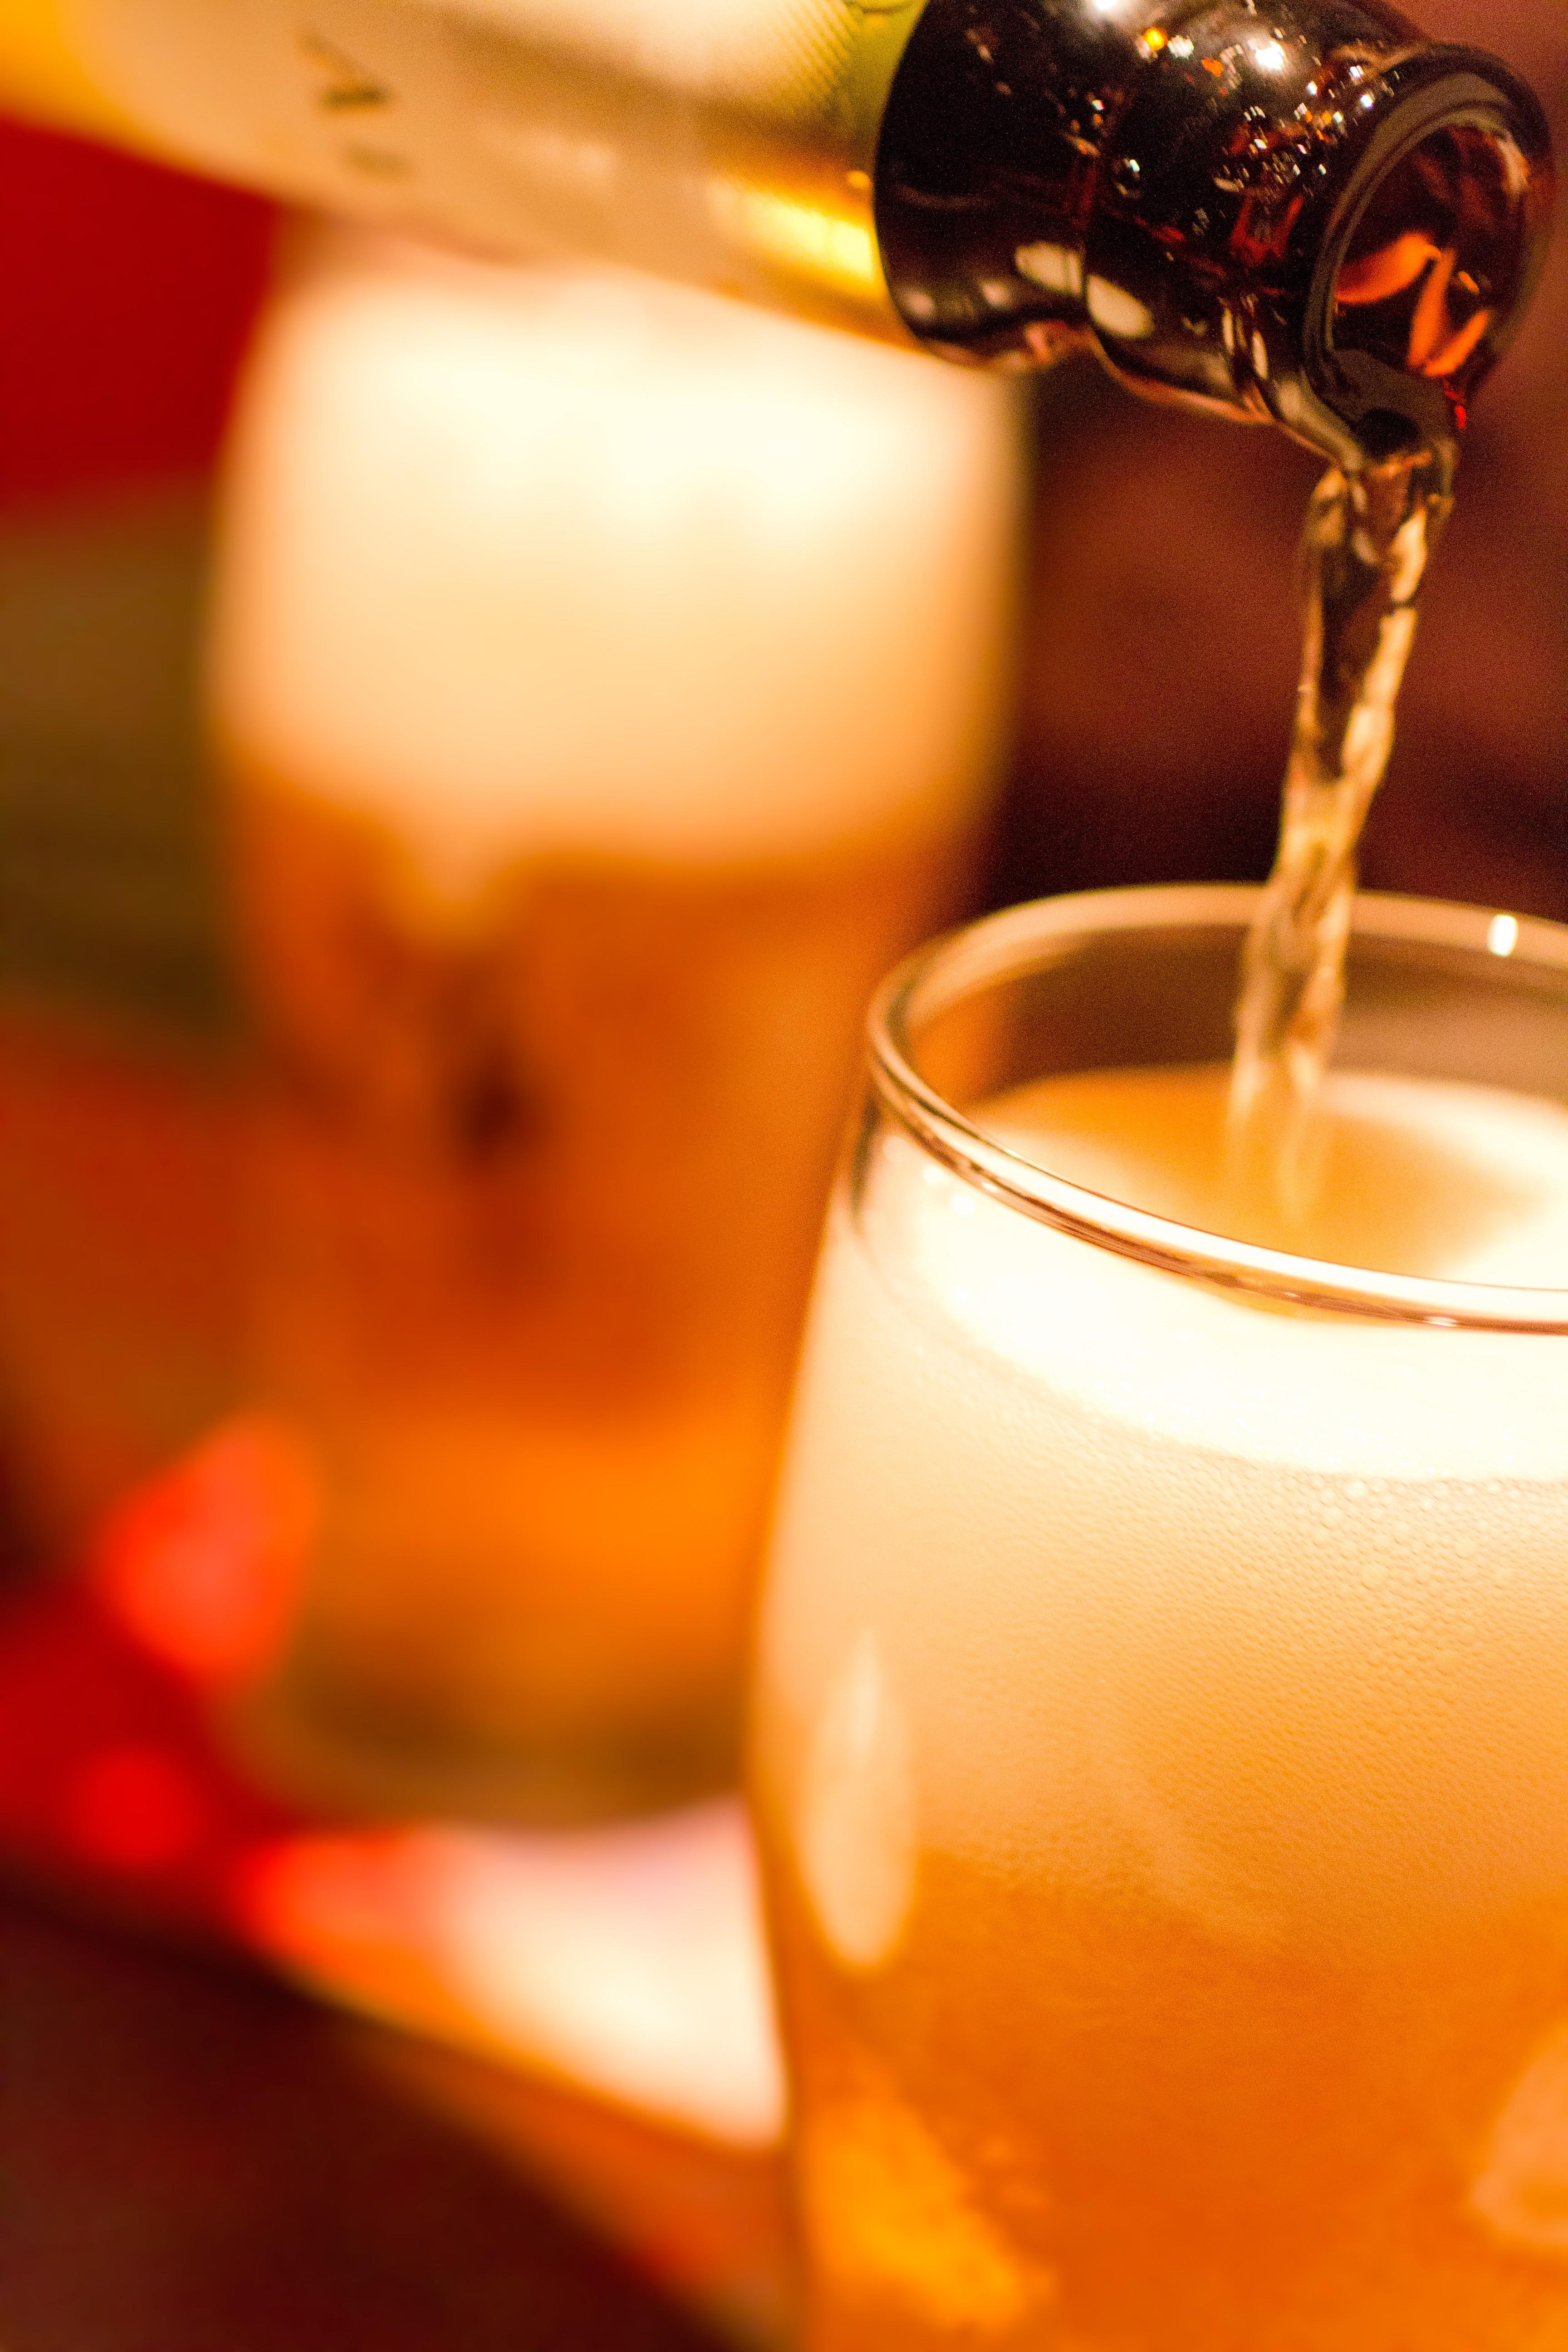 グラスに注がれるビール|無料の写真素材はフリー素材のぱくたそ